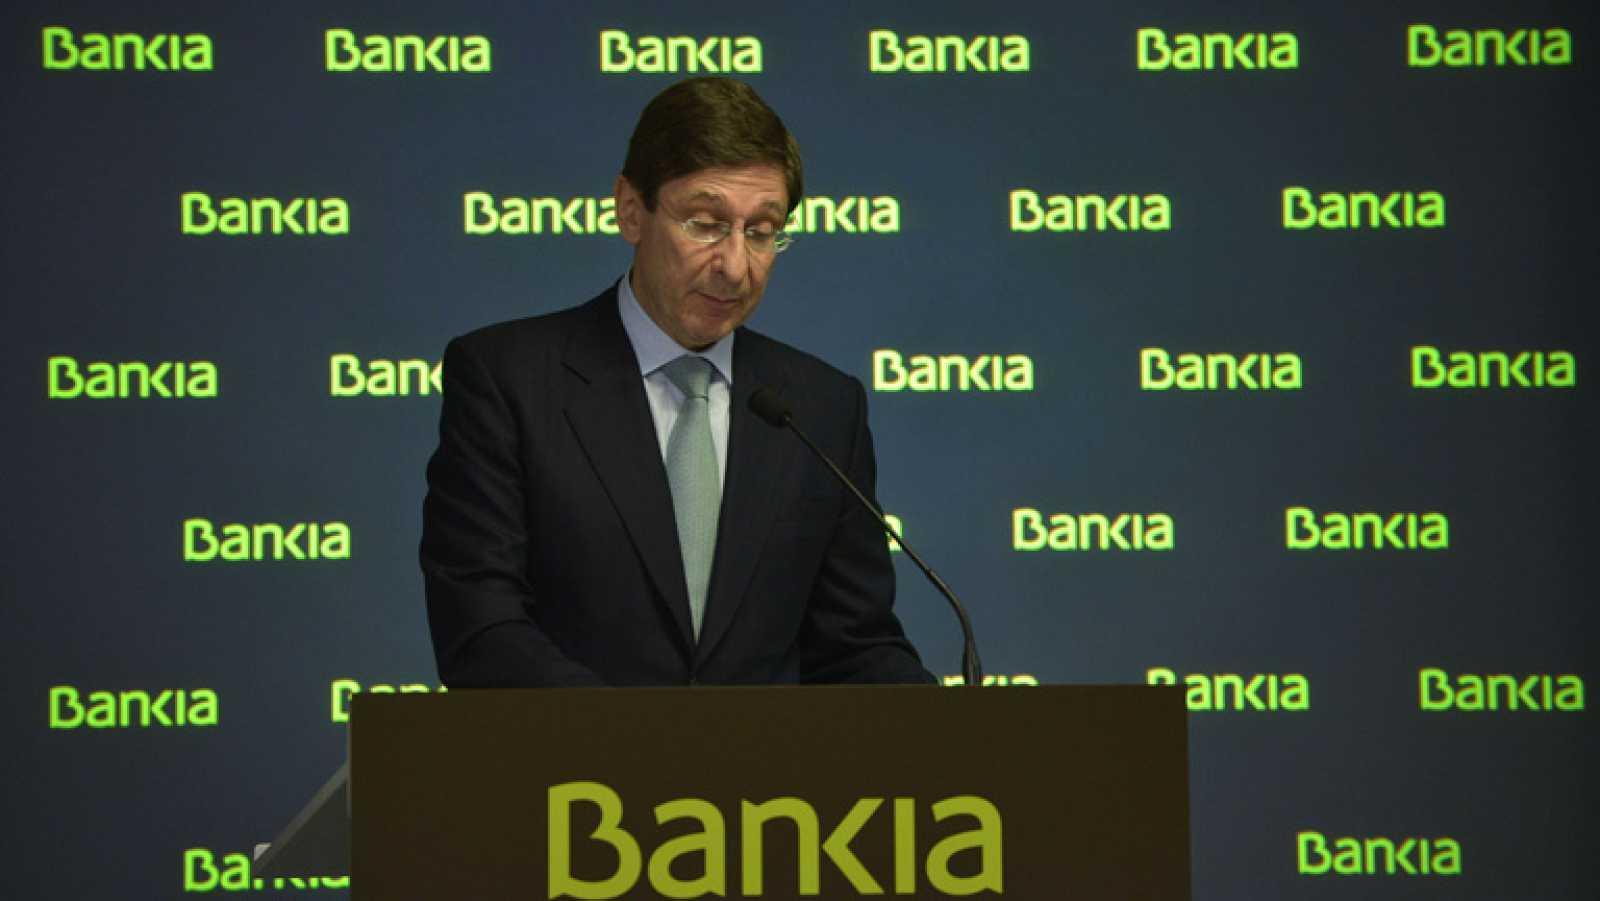 Bankia cierra  2012 con pérdidas por encima de diecinueve mil millones de euros